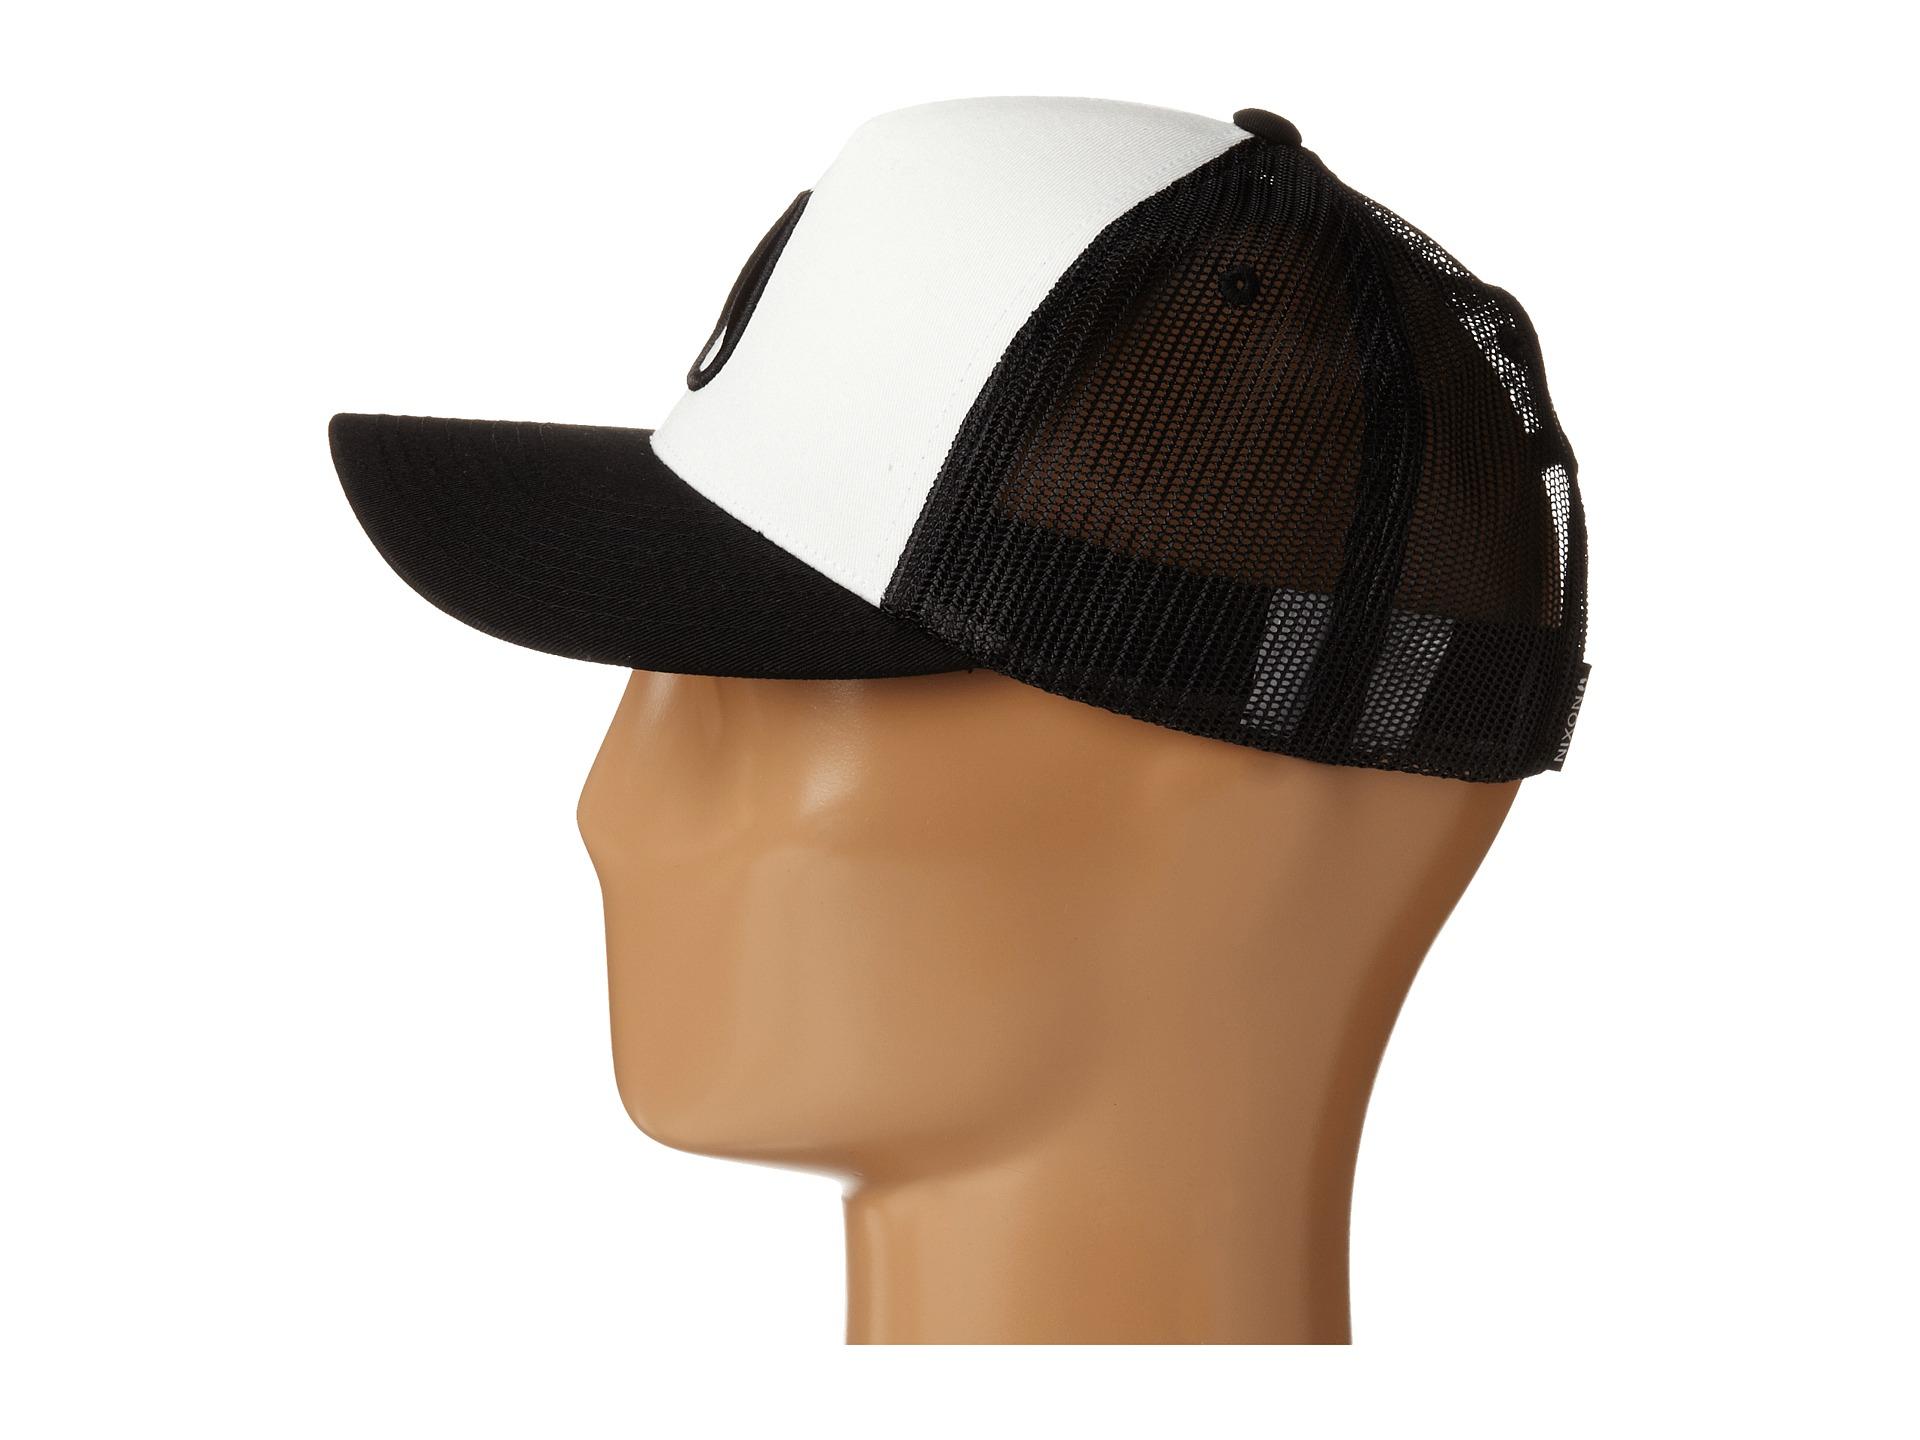 Lyst - Nixon Iconed Trucker Hat in Black 75743d3228b